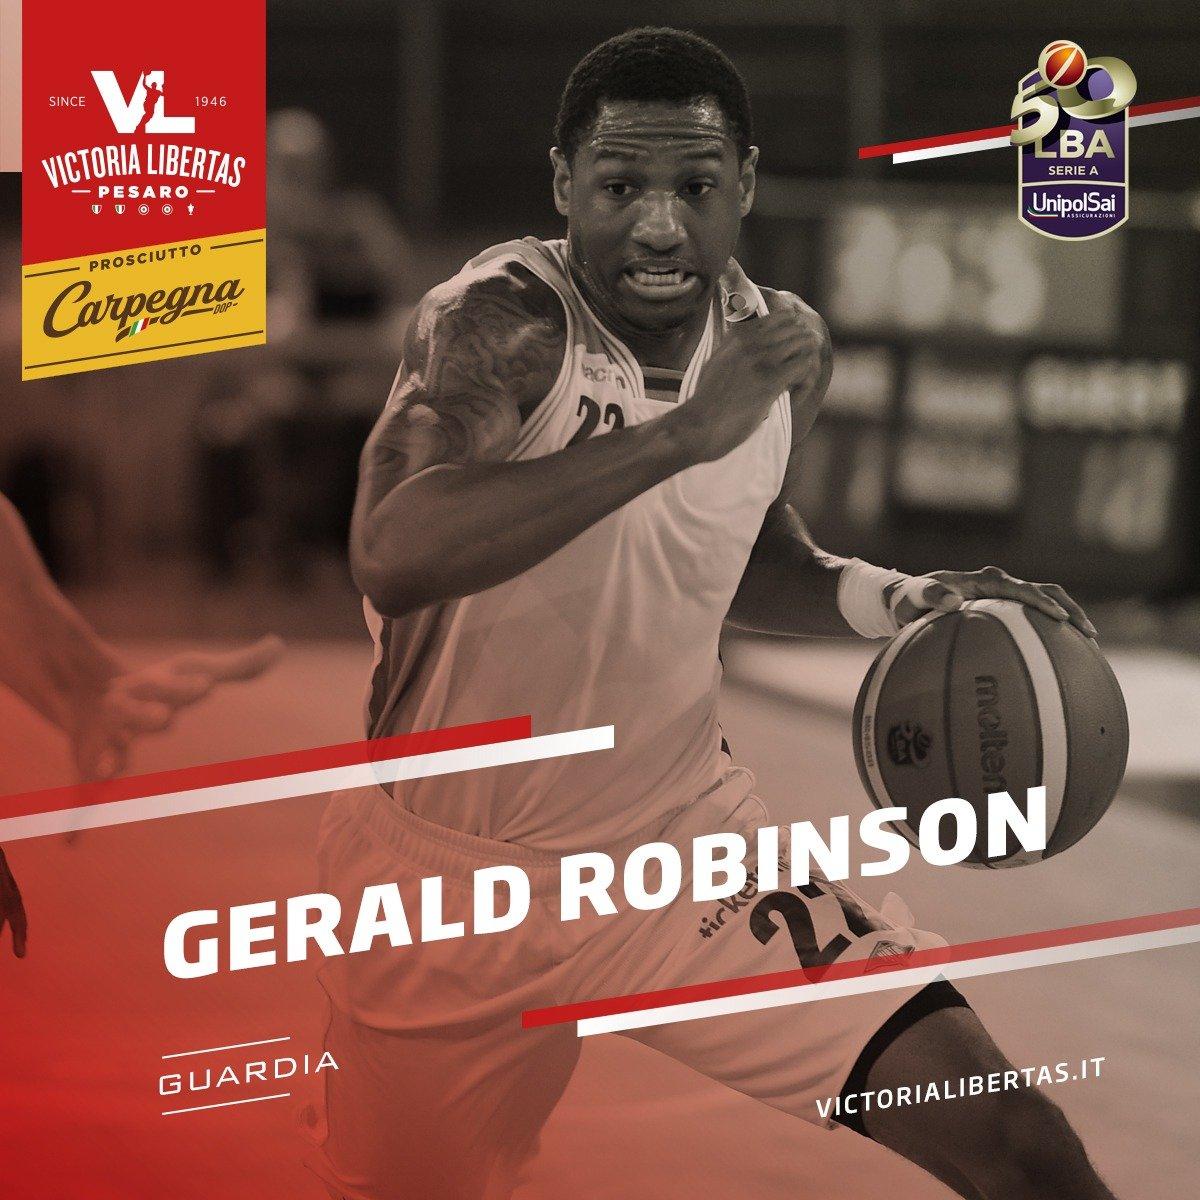 La VL Pesaro annuncia la firma di Gerald Robinson